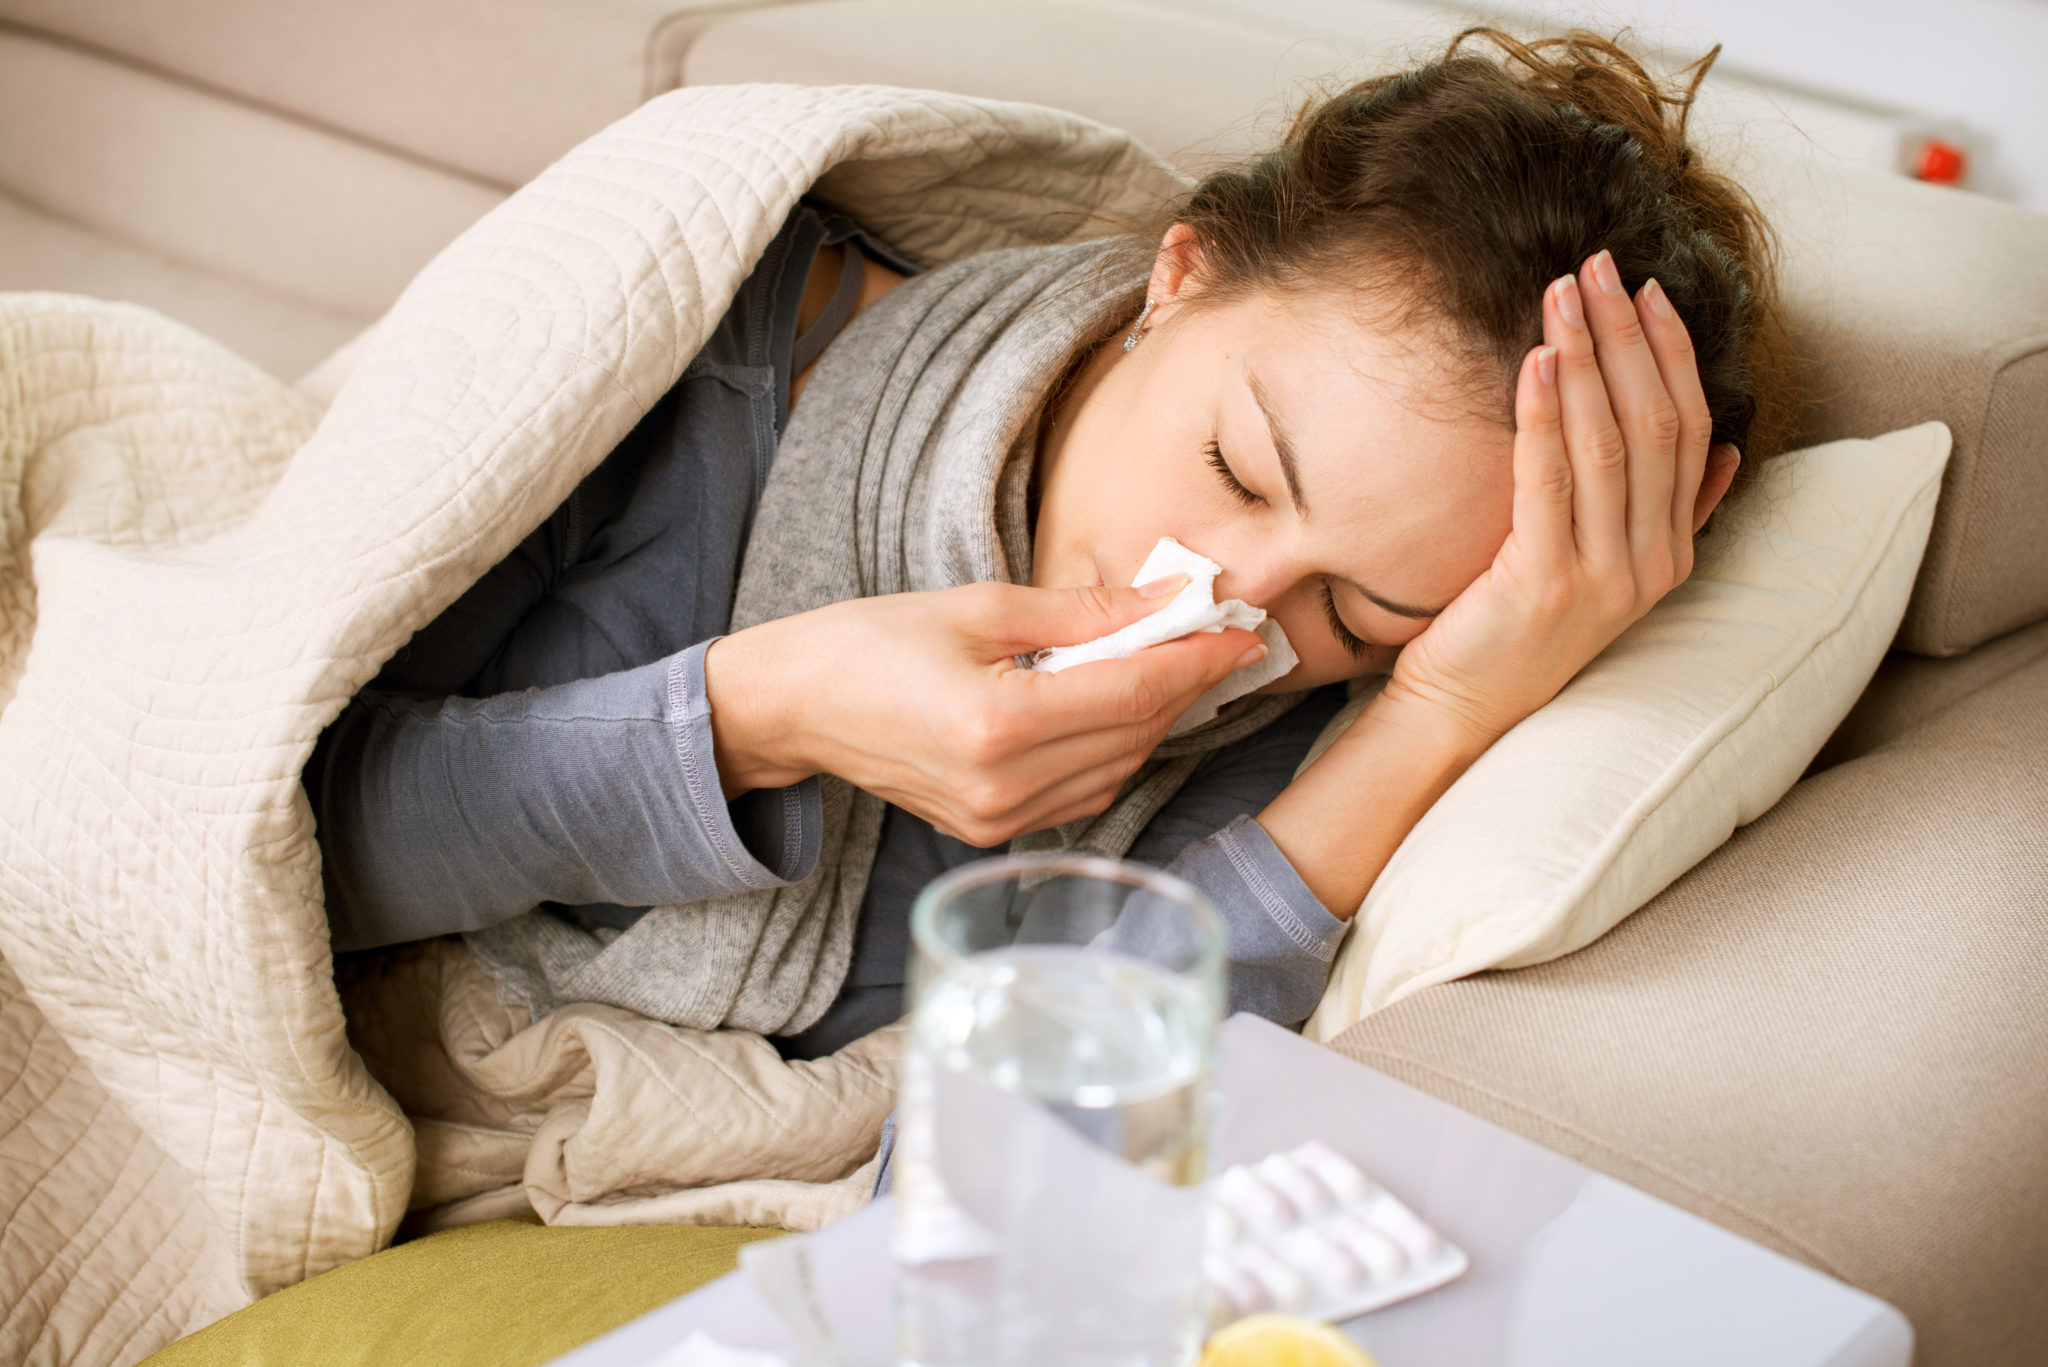 Apa influenza itu? Ternyata beragam jenisnya